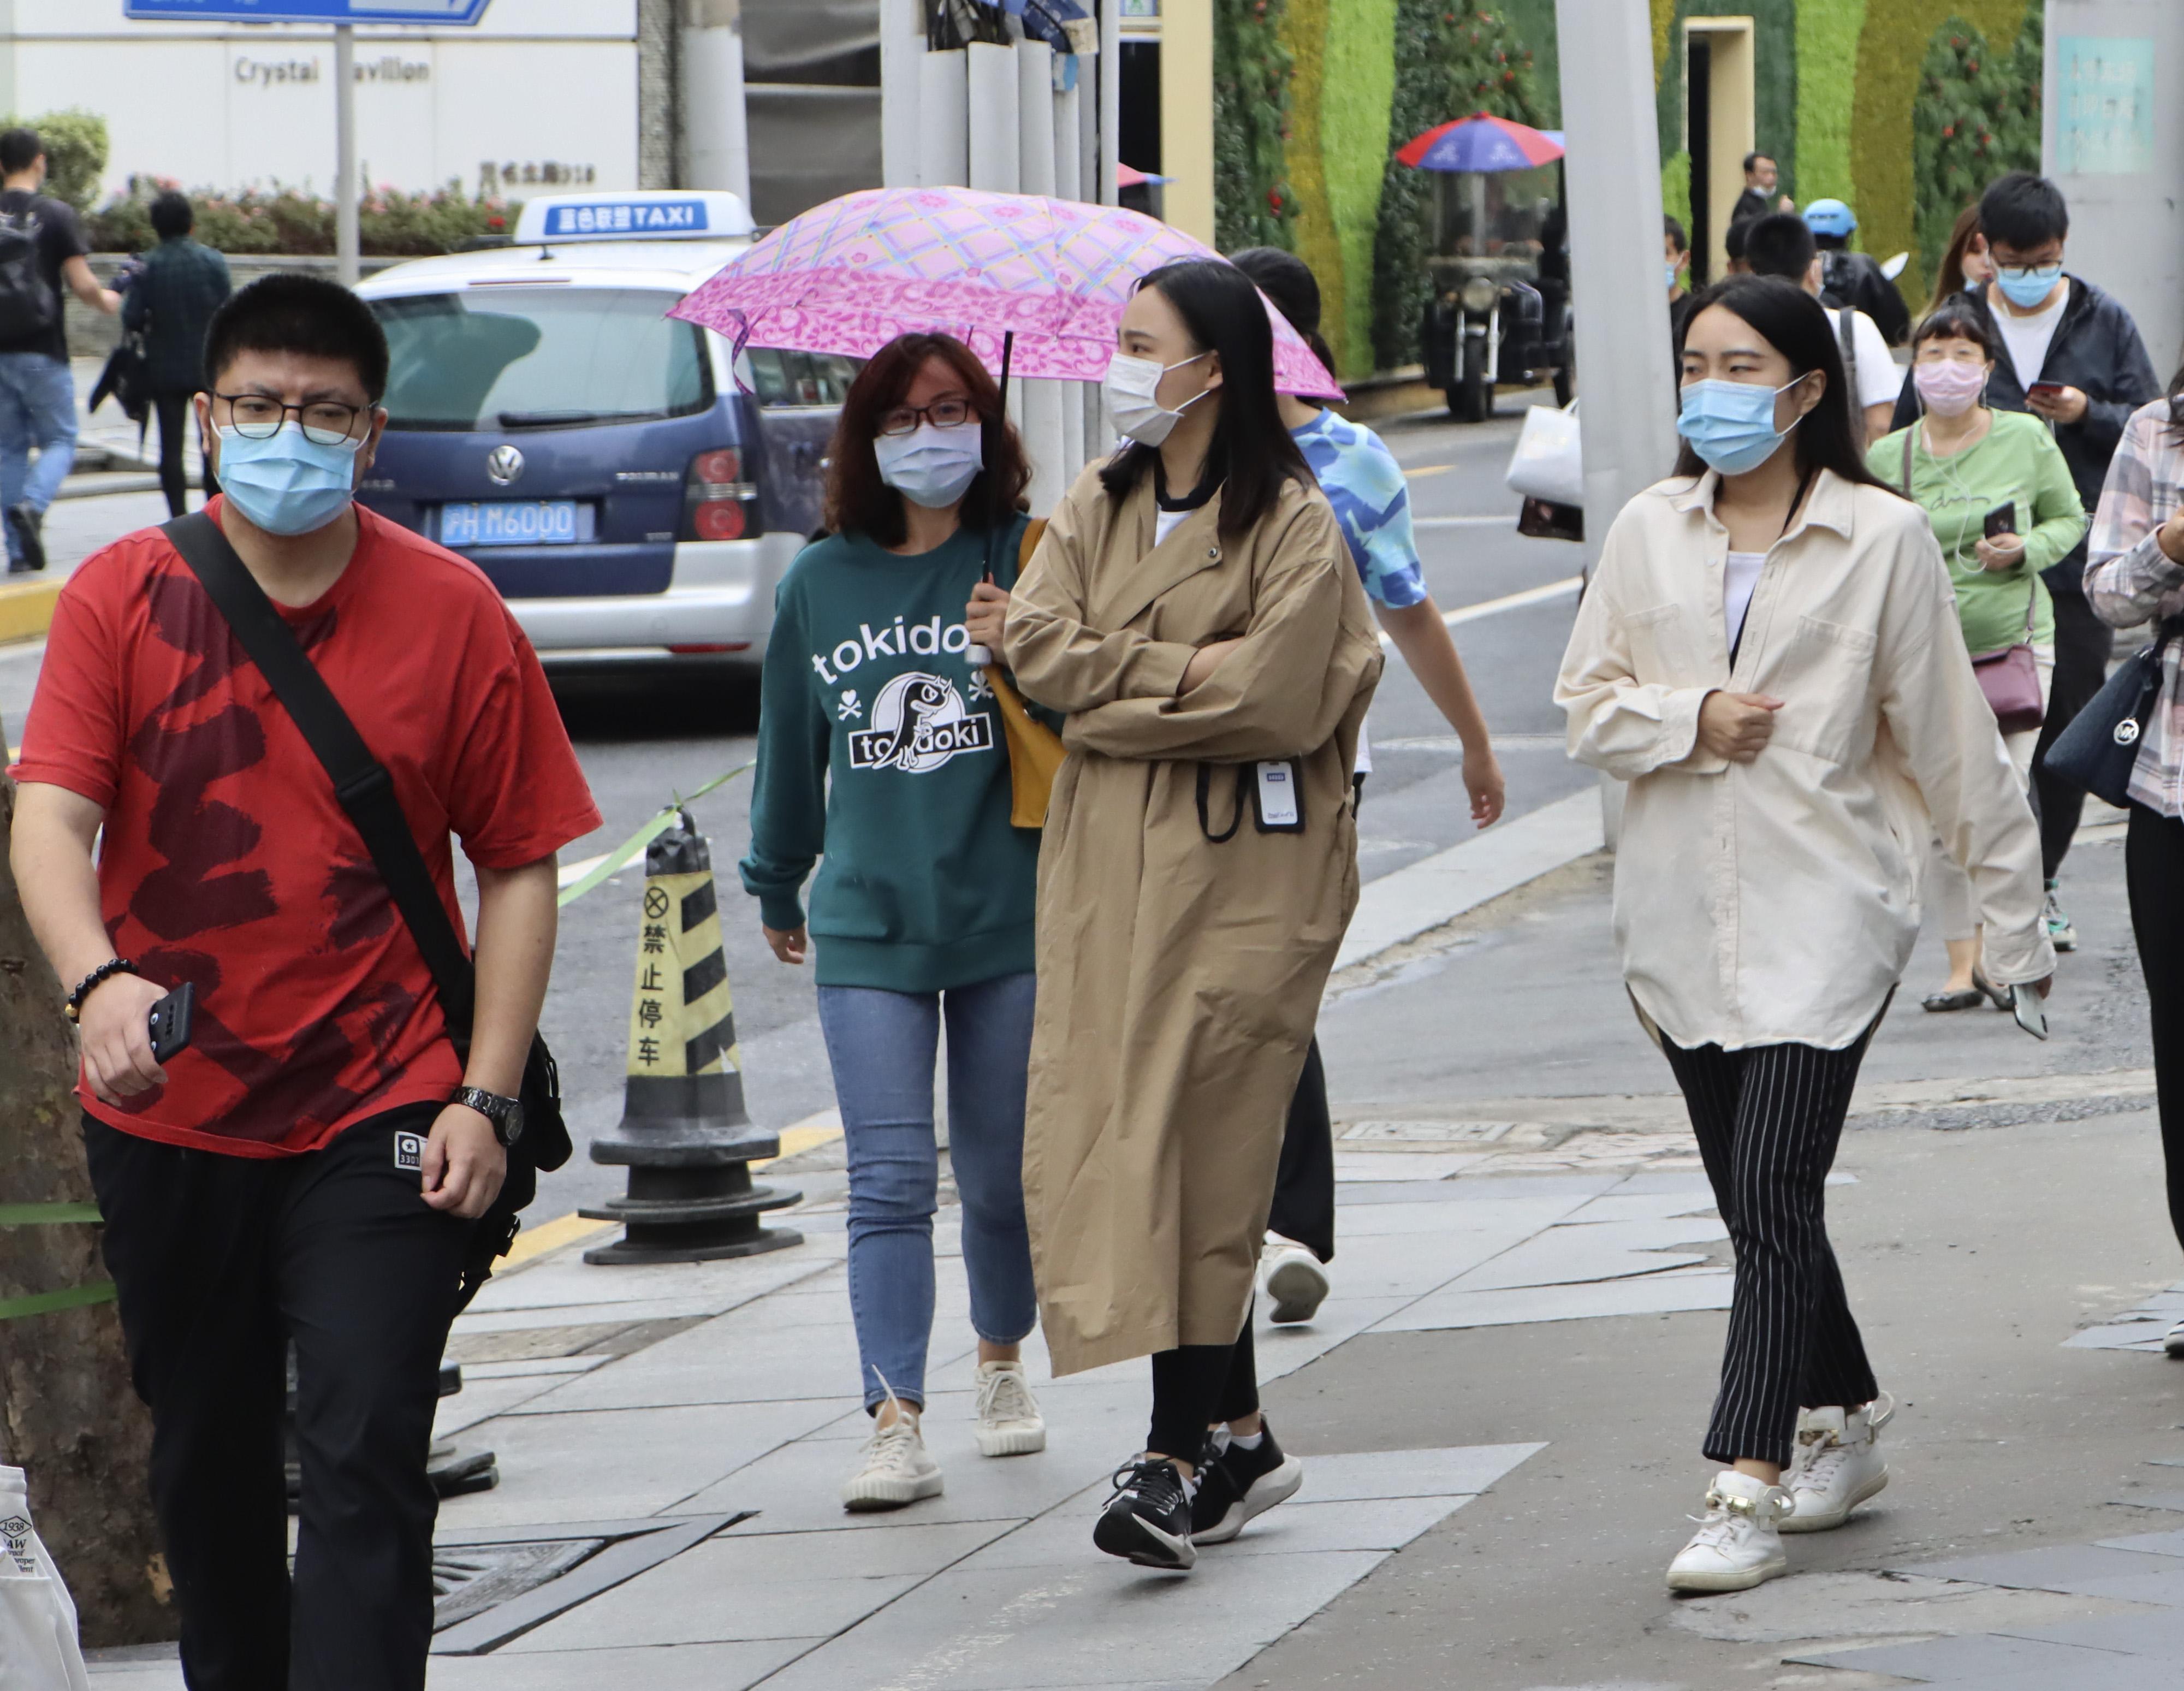 冷冷冷!今天上海人都冻得刮刮抖!有人羽绒有人短袖…